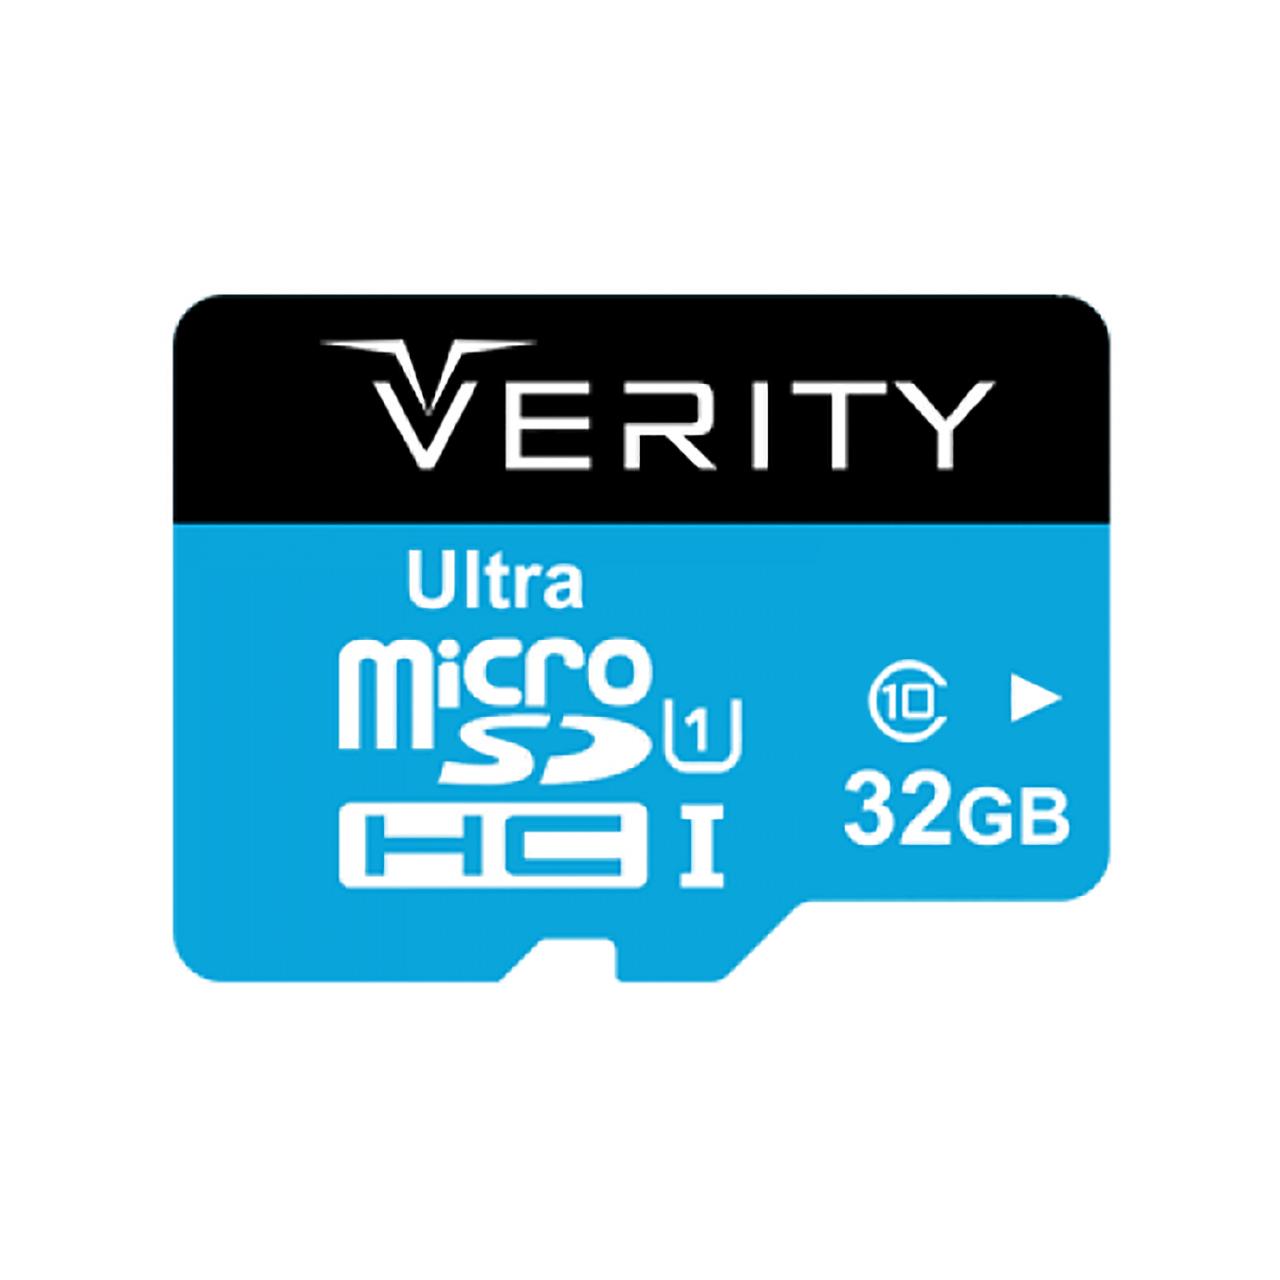 کارت حافظه microSDHC وریتی کلاس 10 استاندارد UHS-I U1 سرعت 65MBps ظرفیت 32 گیگابایت   Verity U1 Class 10 65MBps microSDHC - 32GB